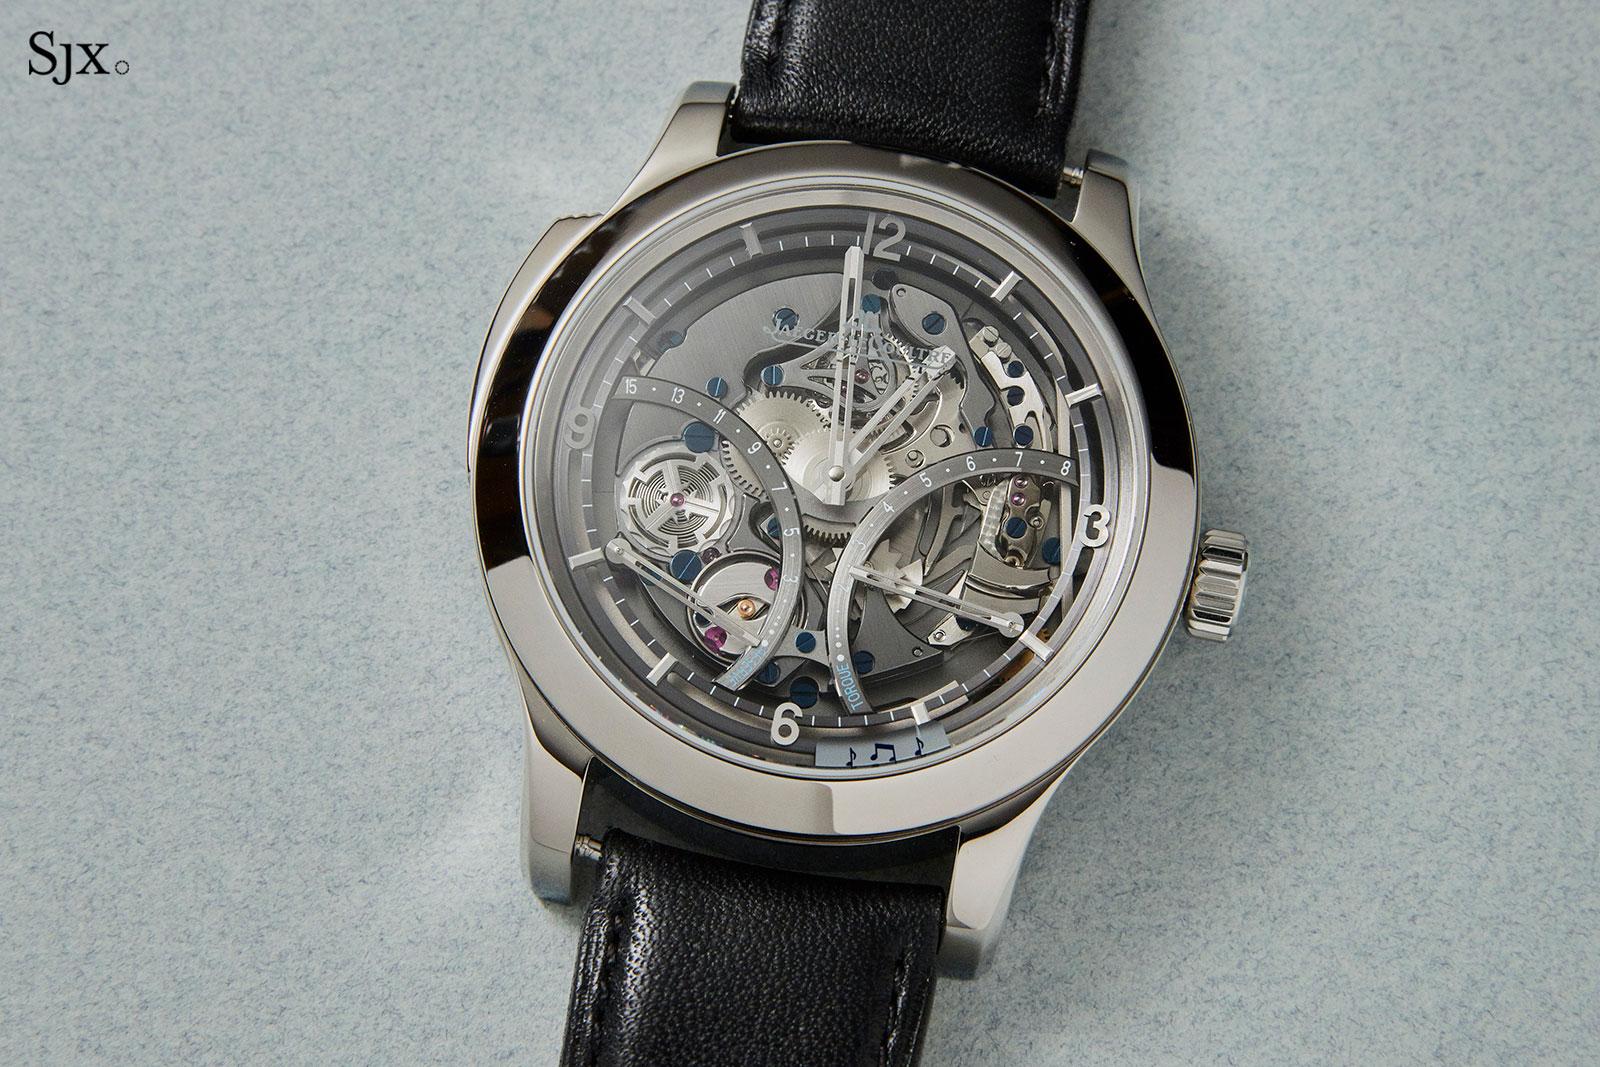 Jaeger-LeCoultre Master Minute Repeater titanium 2